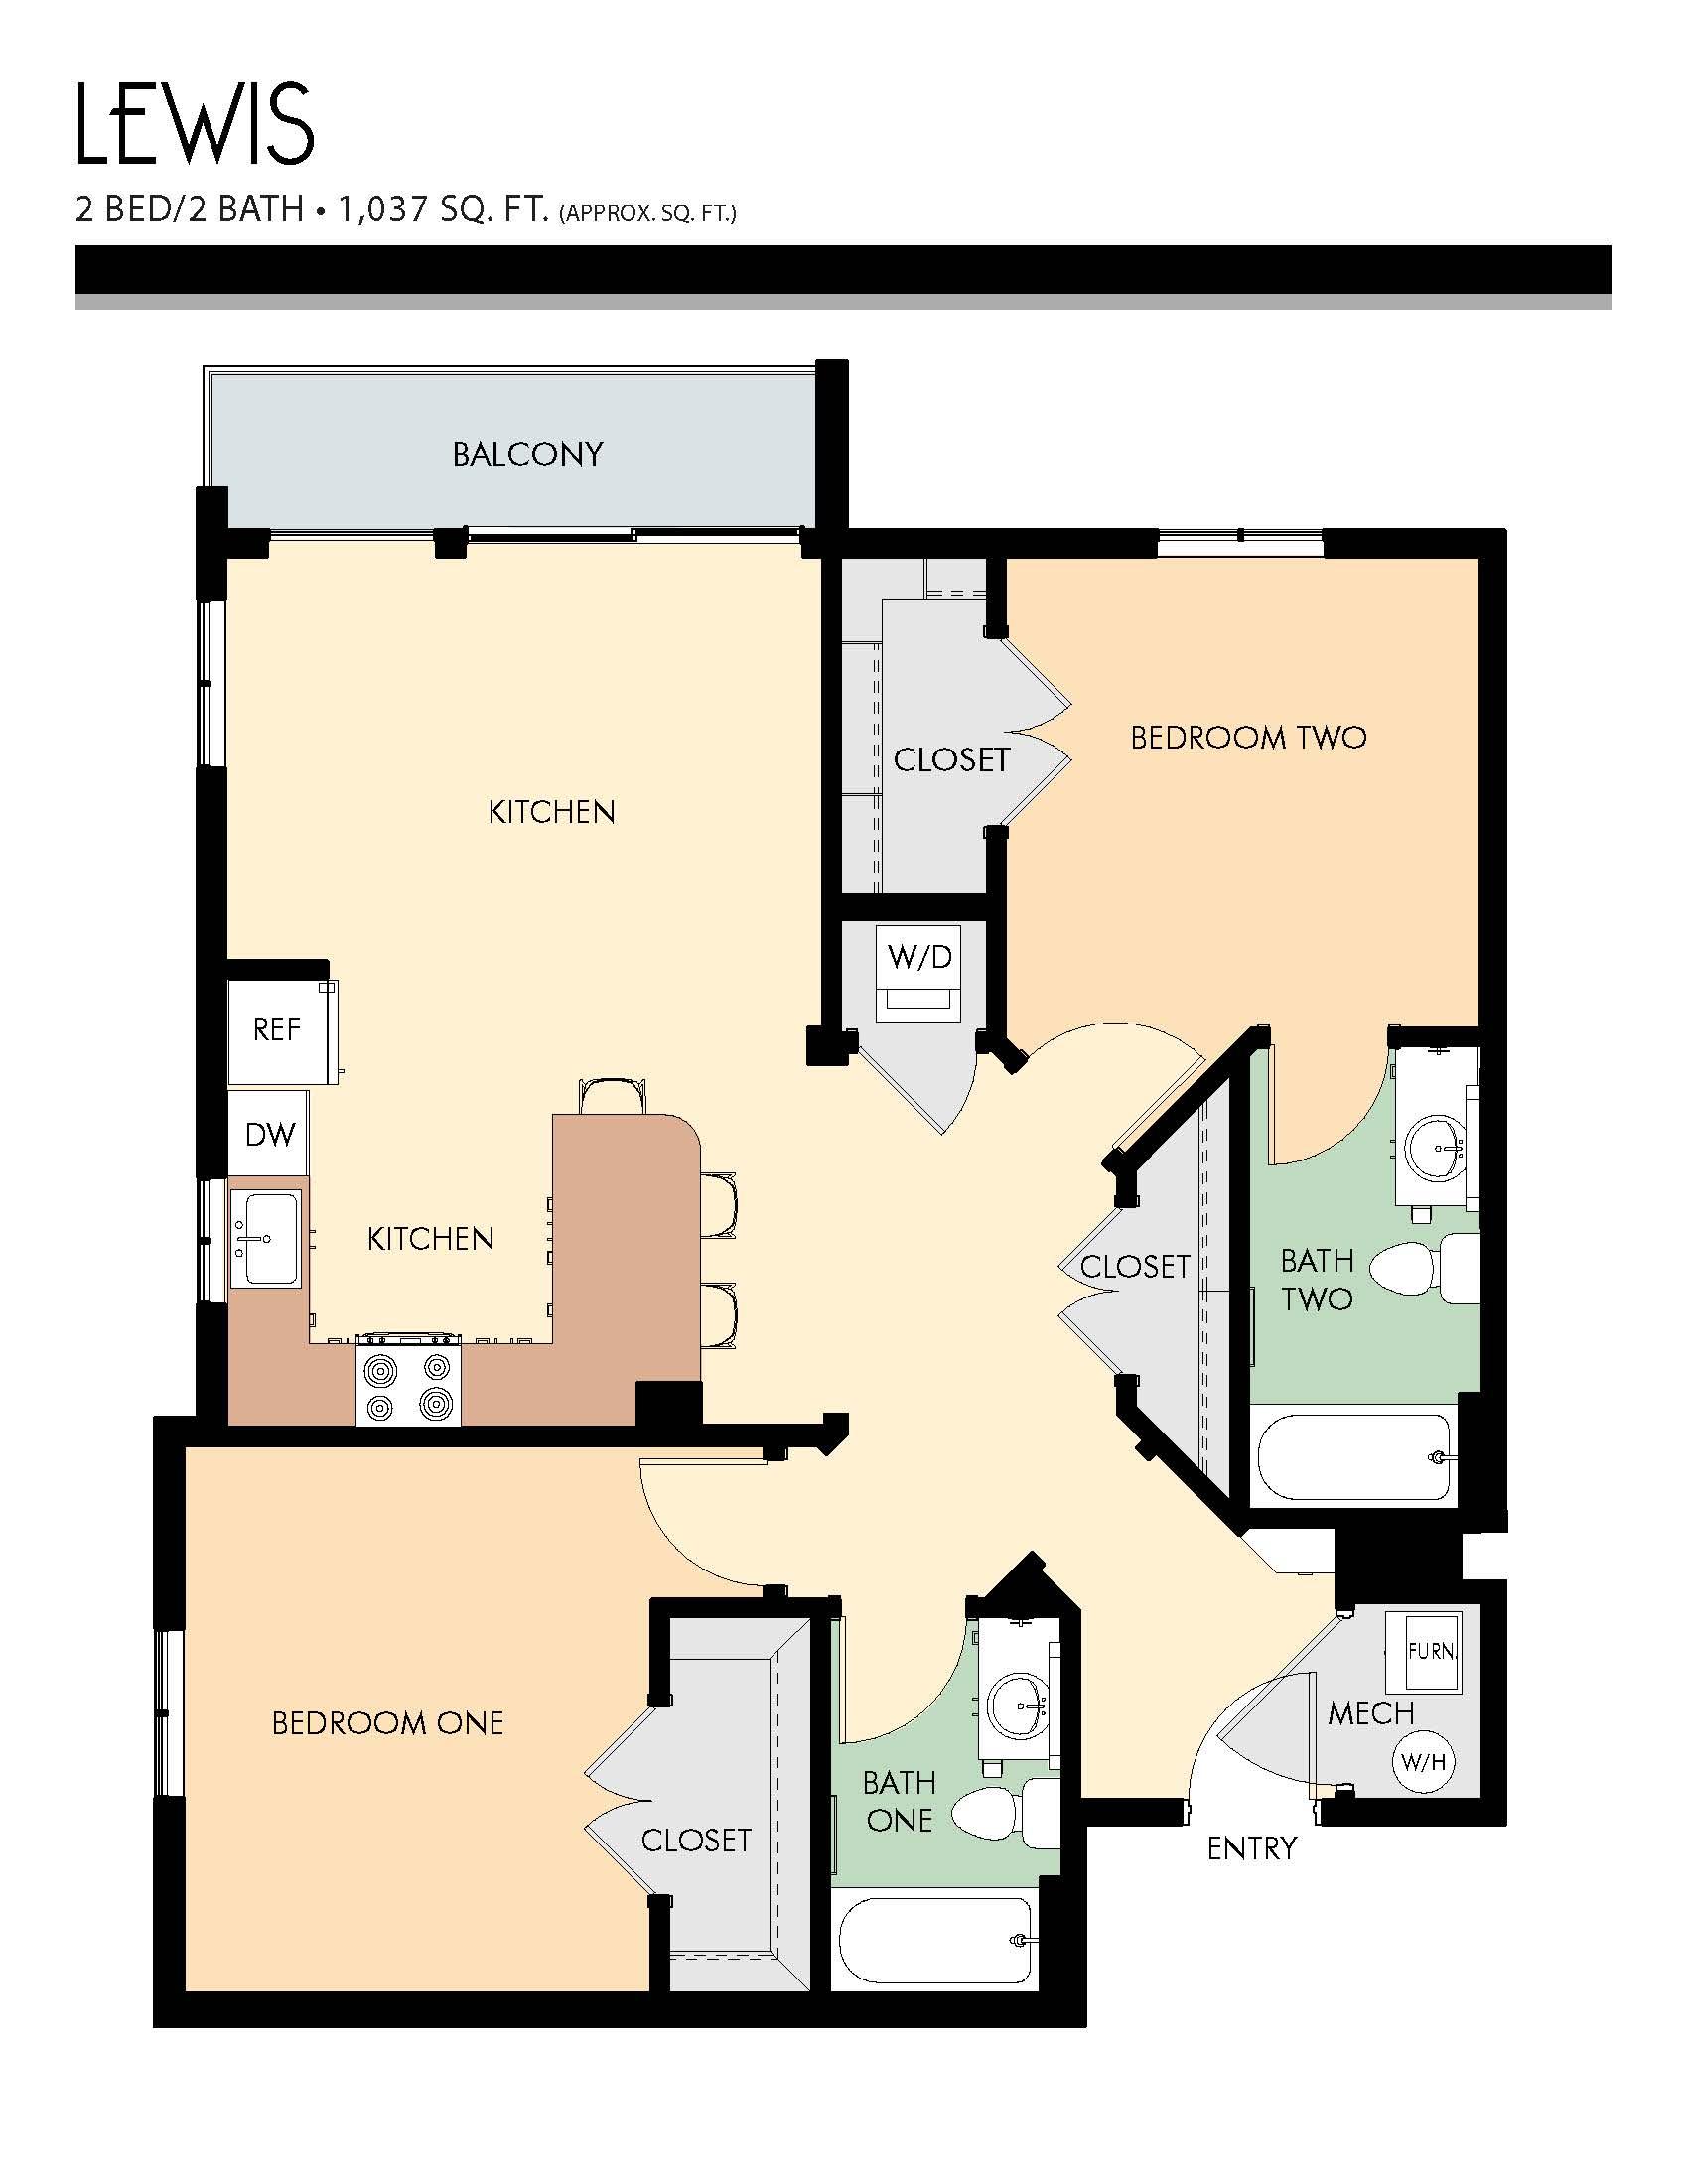 Lewis floor plans - 2 Bed / 2 Bath (1,037 Sq Ft)